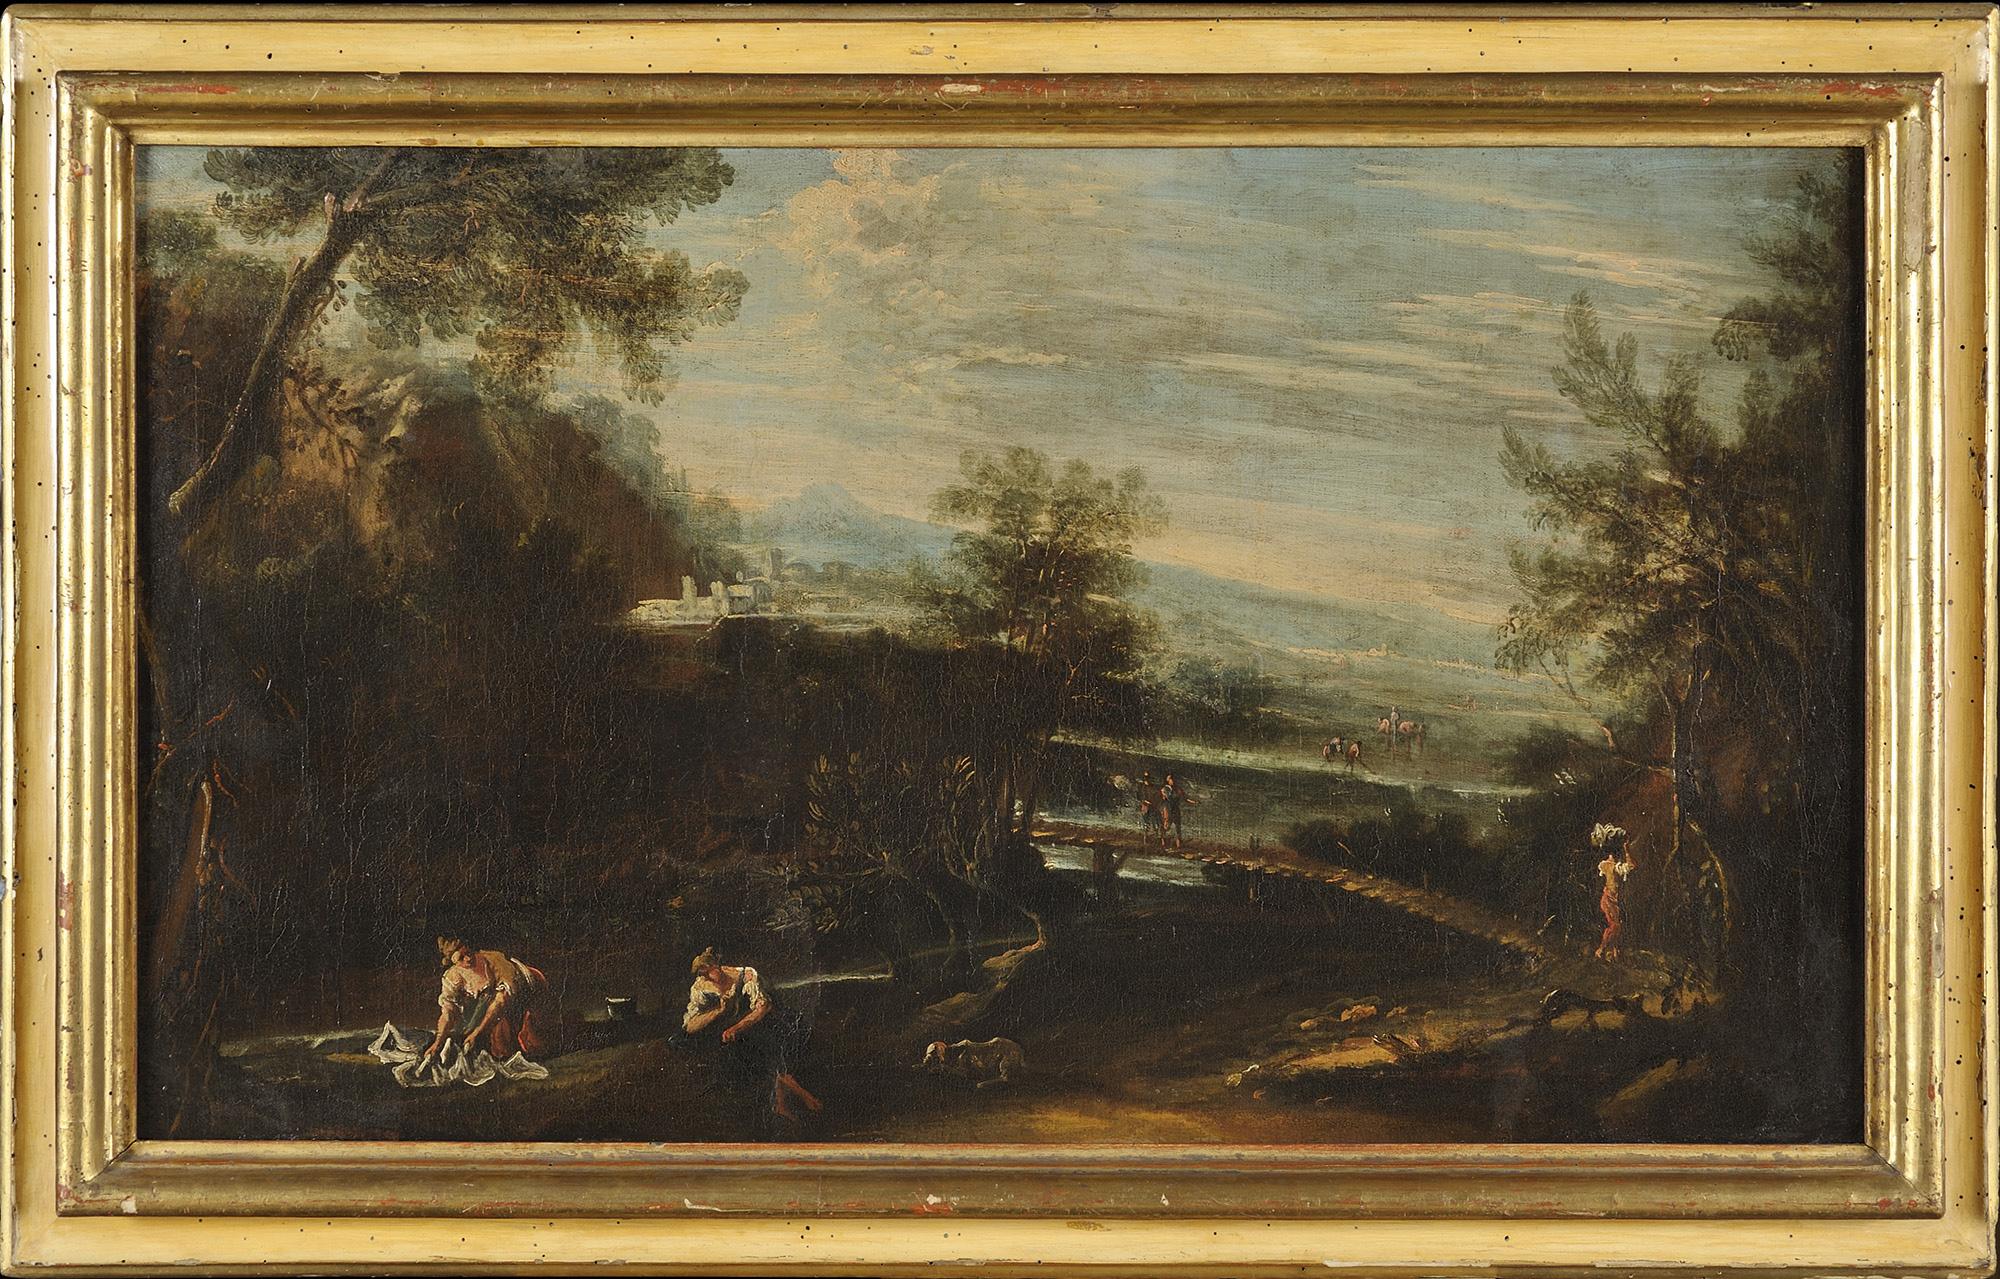 Paesaggio fluviale con lavandaie e viandanti in lontananza; e Paesaggio fluviale con viandanti in sosta e borgo turrito sullo sfondo